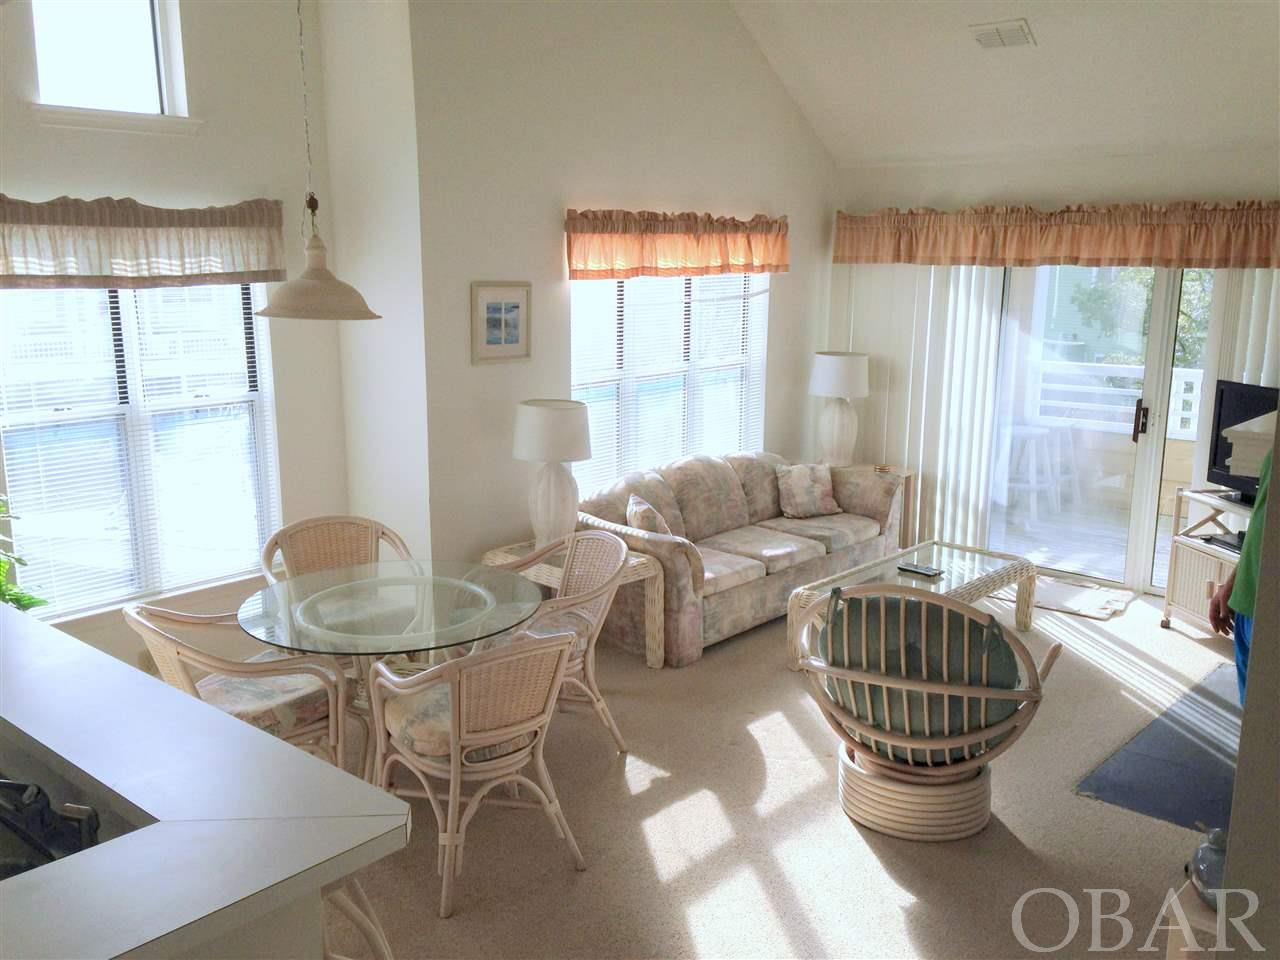 326 Pirates Way,Manteo,NC 27954,2 Bedrooms Bedrooms,2 BathroomsBathrooms,Residential,Pirates Way,90474